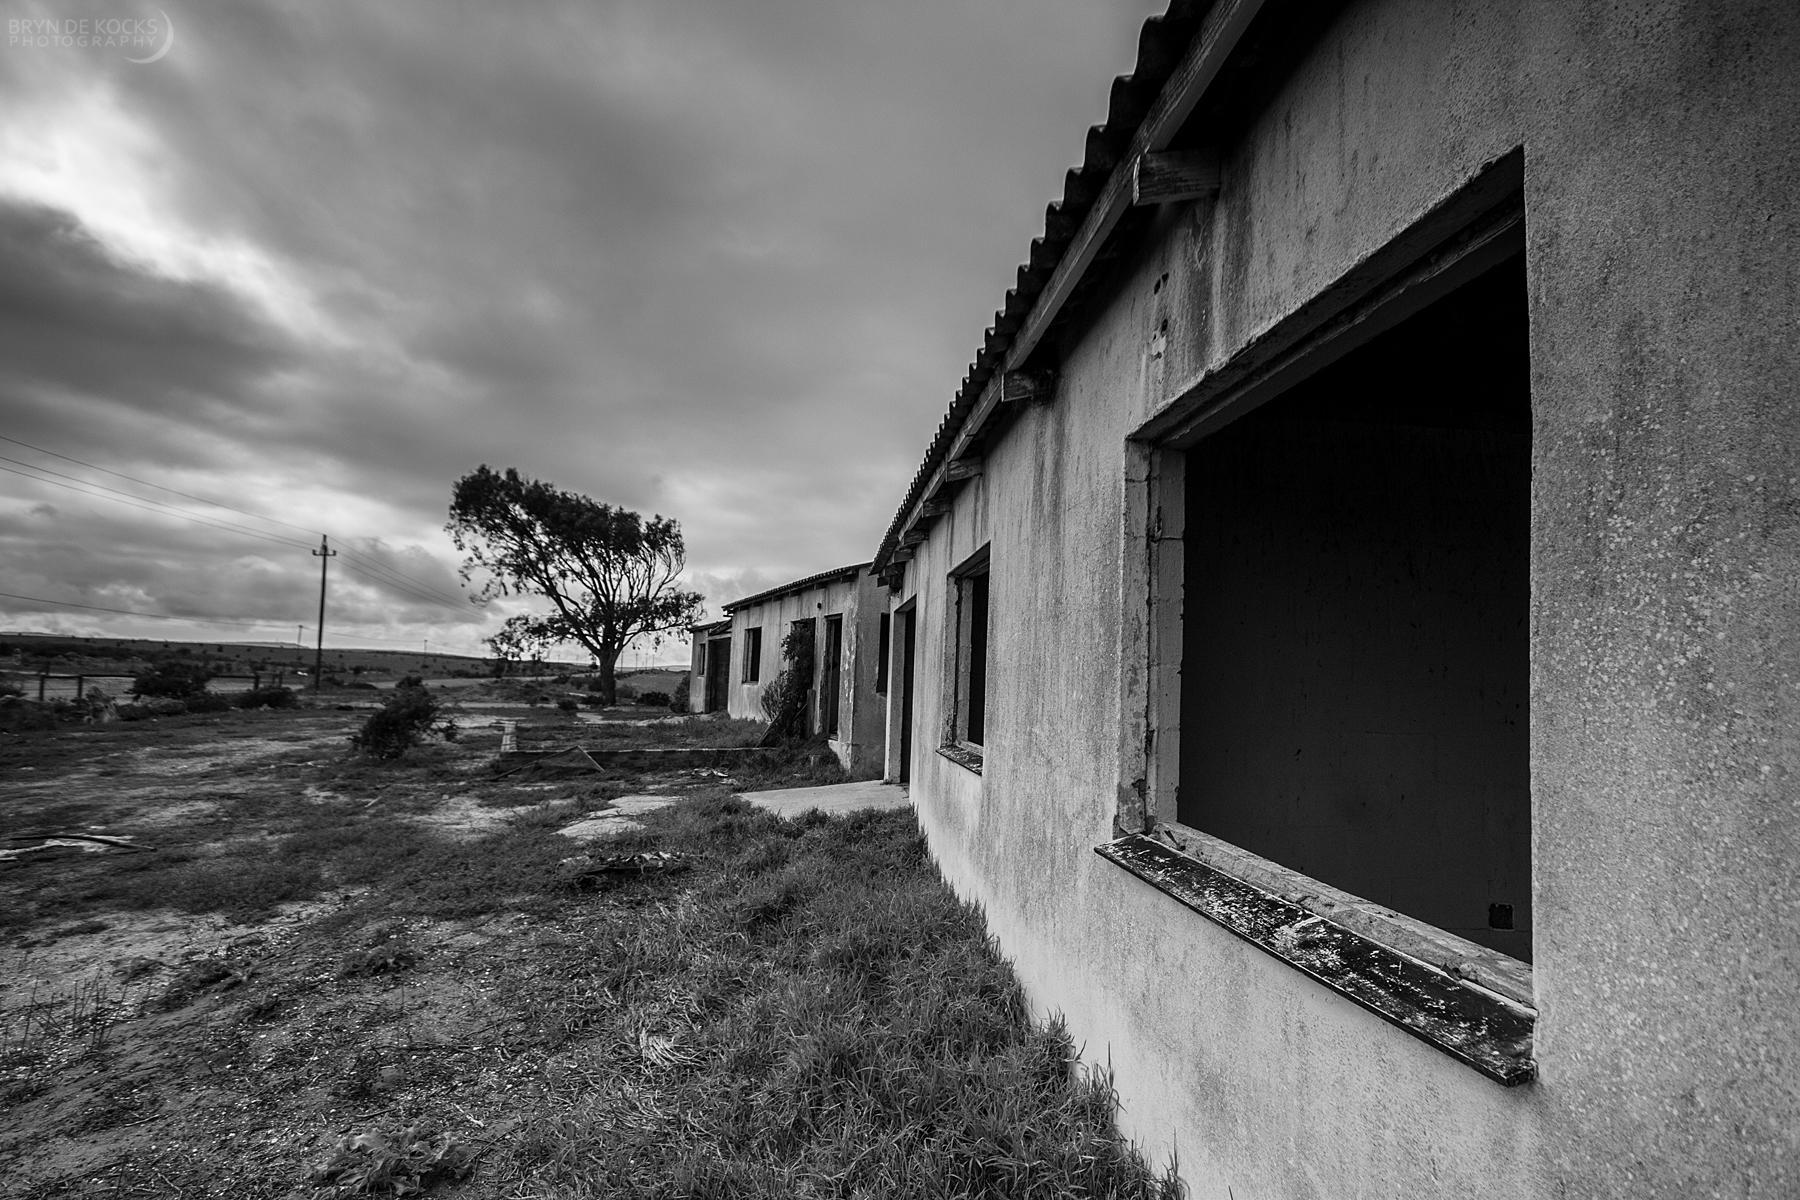 jacobsbaai-abandoned